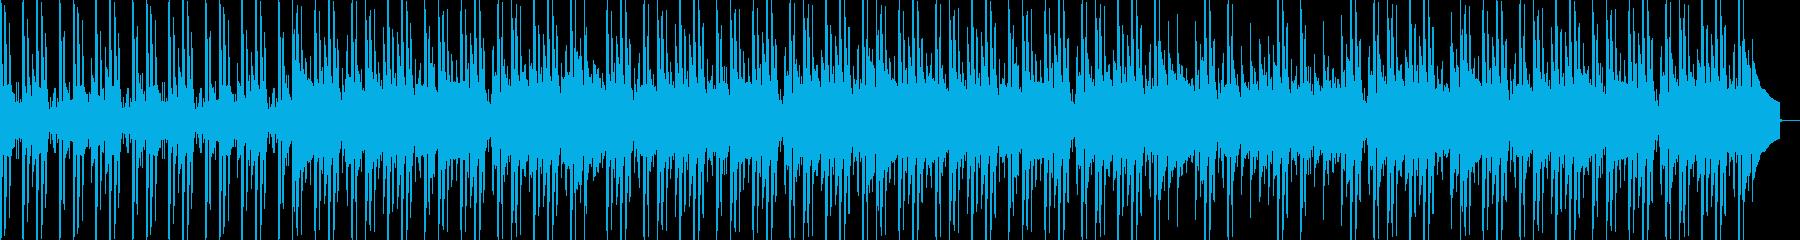 素敵なグルービングラウンジインスト...の再生済みの波形